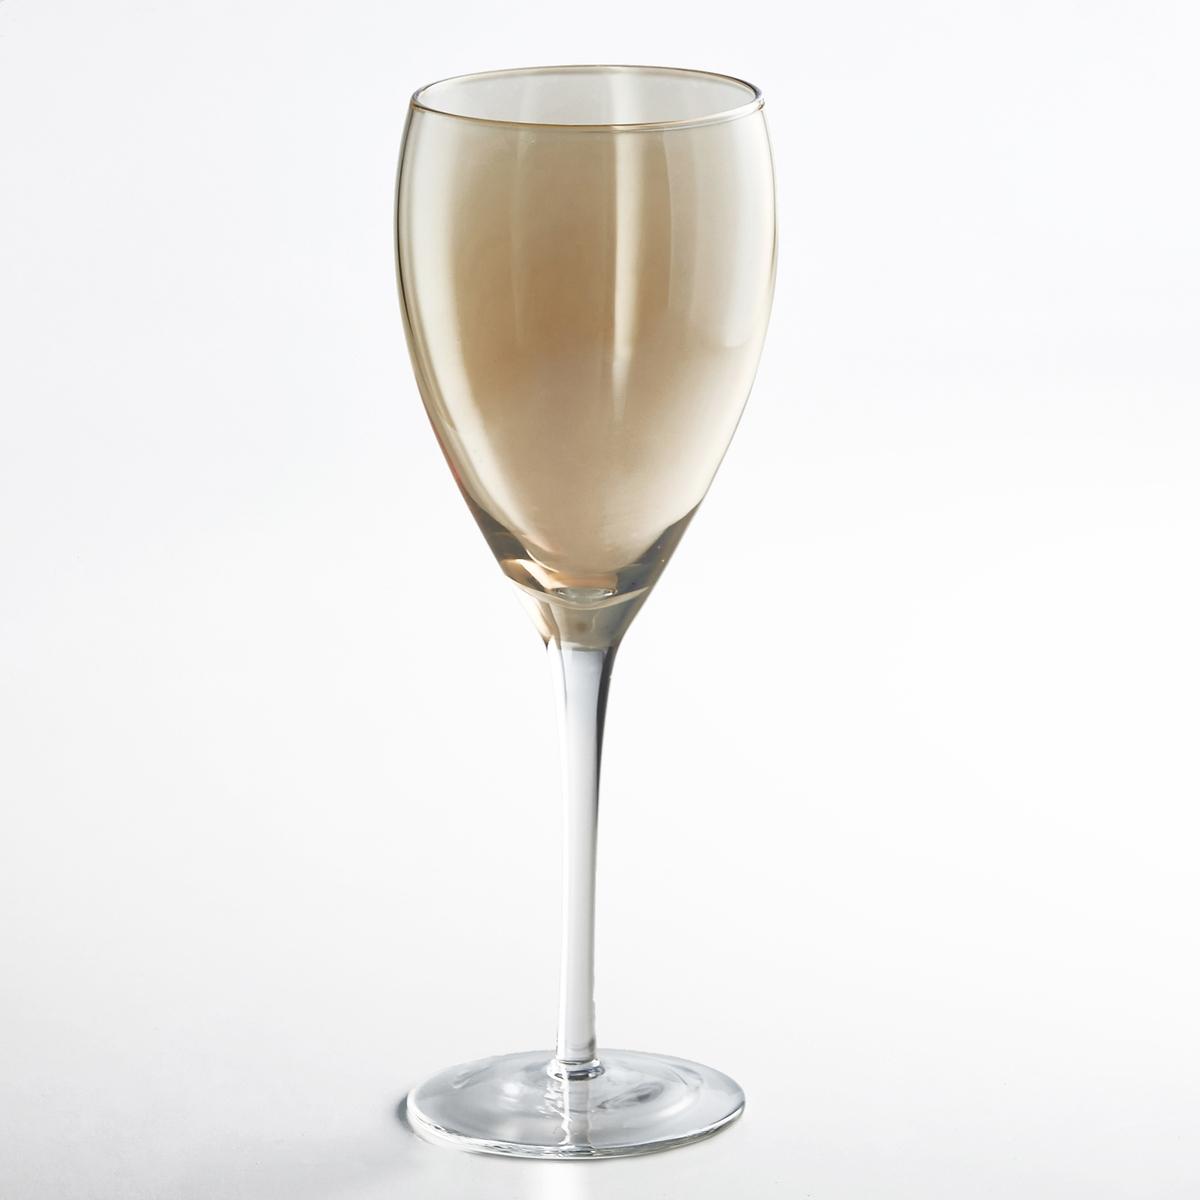 Комплект из 4 бокалов для красного вина, KOUTINE4 бокала бордо под красное вино, Koutine La redoute Int?rieurs. Очень красивый янтарный или серый эффект придаст вашему столу особенный колорит.Характеристики бокалов под вино Koutine :Бокал для красного вина из стекла, выдуваемого с помощью ртаДиаметр : 9 смВысота : 24,5 см    Мытье вручную.В комплект 4 бокалаНайдите всю коллекцию бокалов на сайте laredoute.ru<br><br>Цвет: дымчато-серый,янтарь